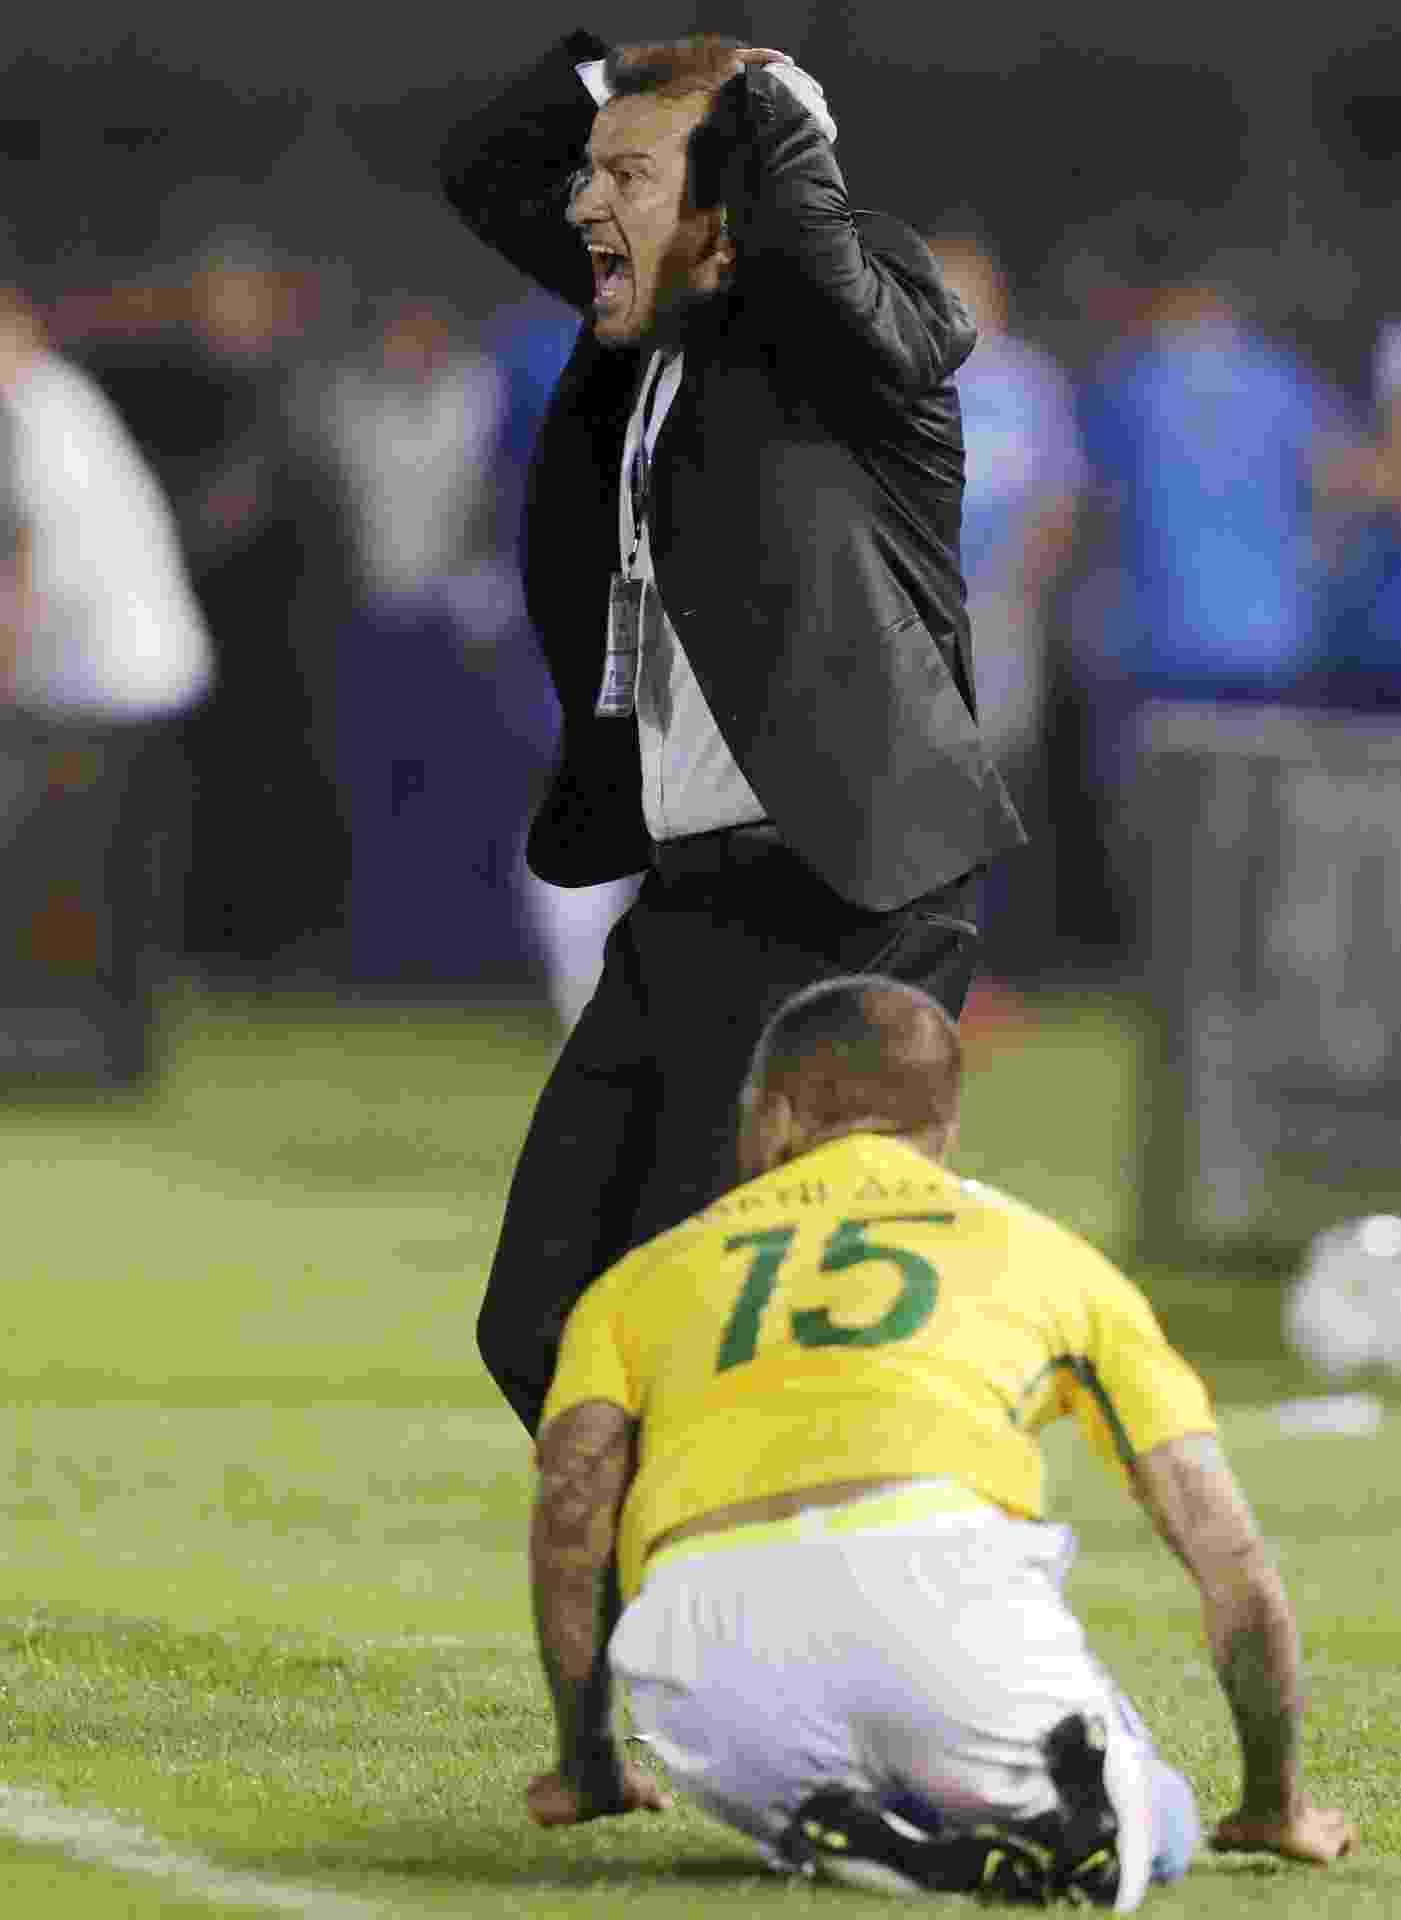 Dunga fica nervoso ao orientar a seleção e Daniel Alves cai ajoelhado aos pés do treinador em jogo contra o Paraguai - REUTERS/Jorge Adorno